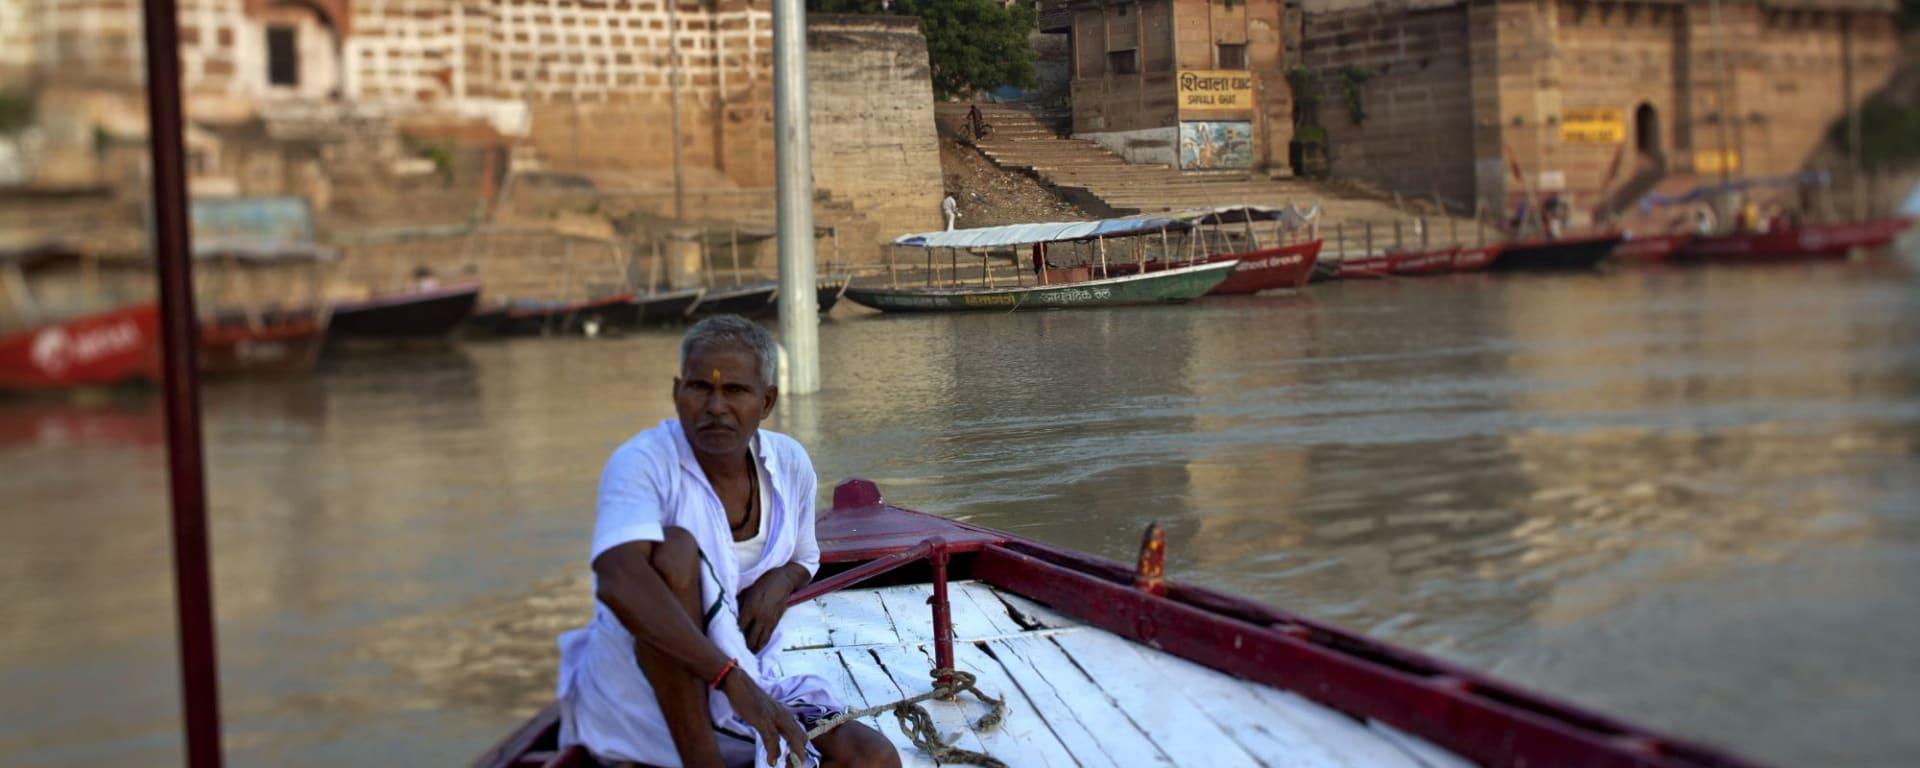 Suryauday Haveli à Varanasi: